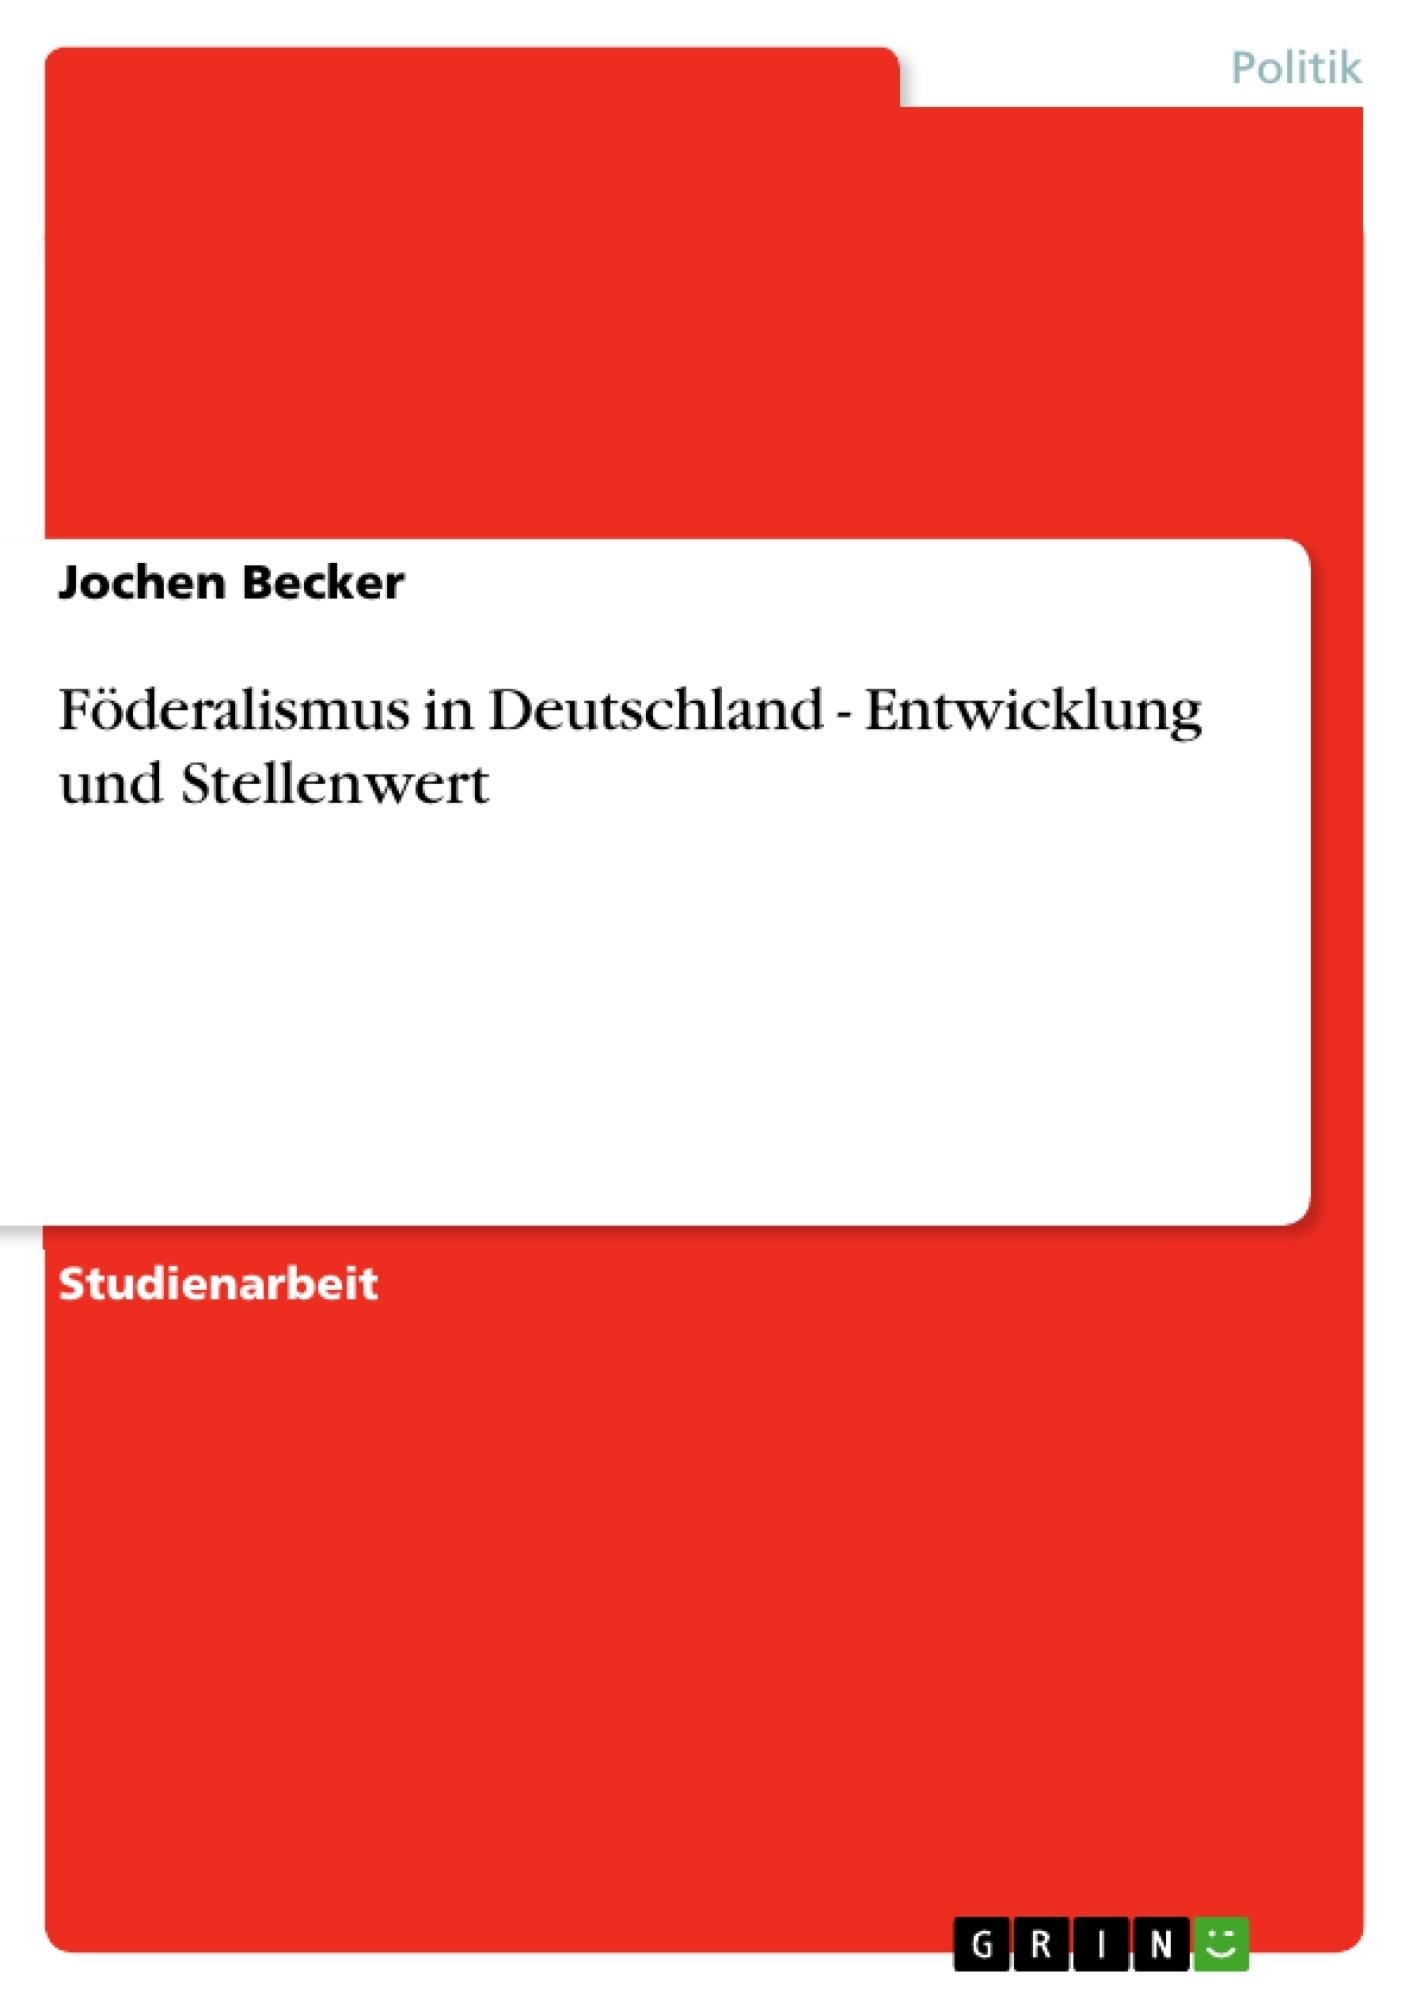 Titel: Föderalismus in Deutschland - Entwicklung und Stellenwert